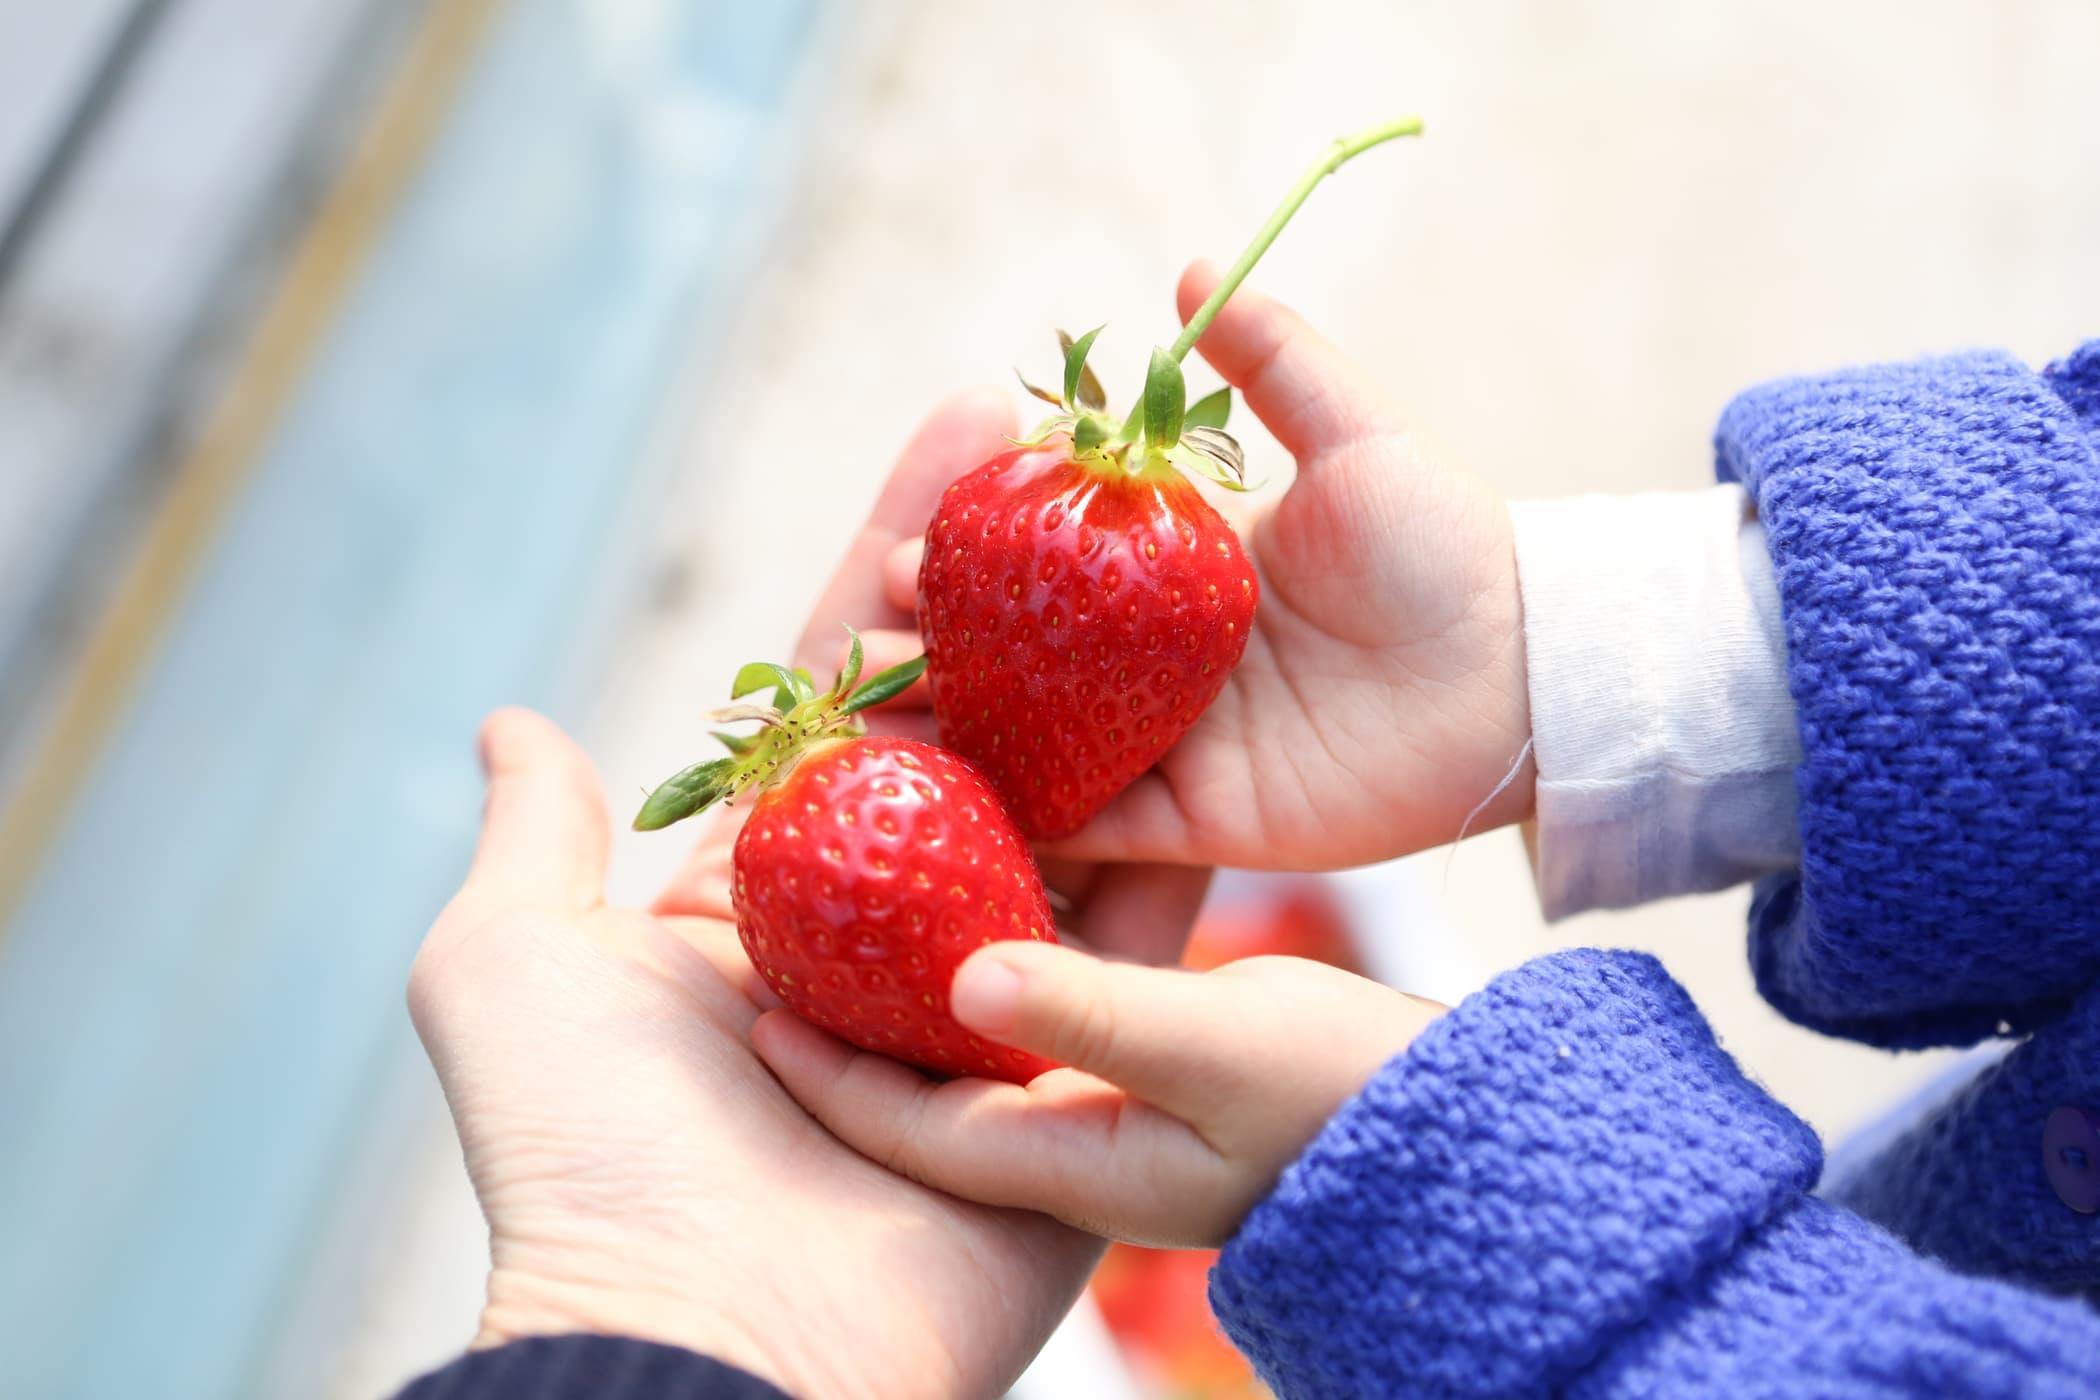 Hướng dẫn cách bổ sung chất xơ cho trẻ đúng cách